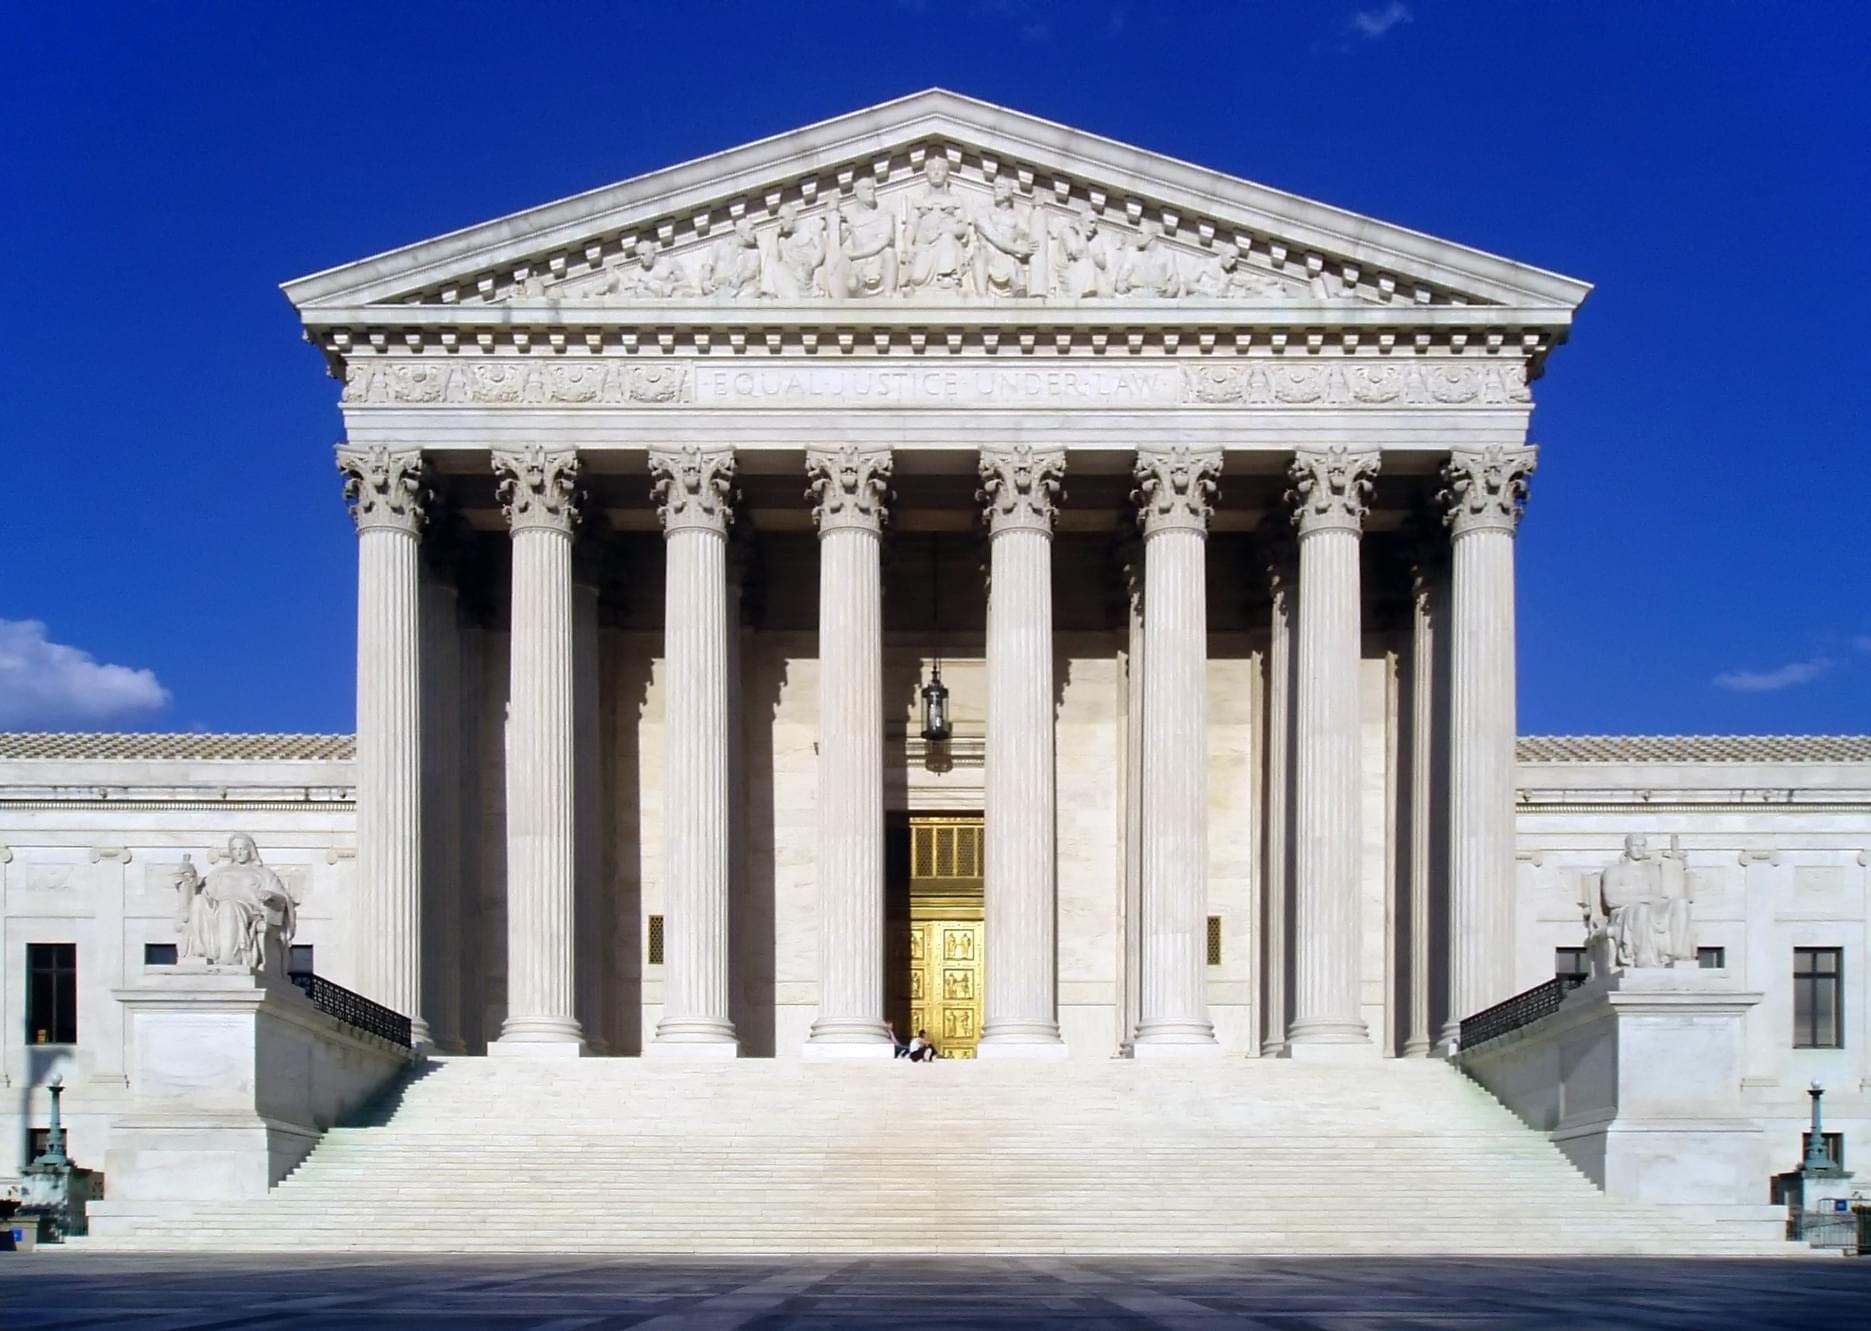 美国最高法院是掌握着色情作品命运,大法官的判决将直接影响其发展 /Wikipedia